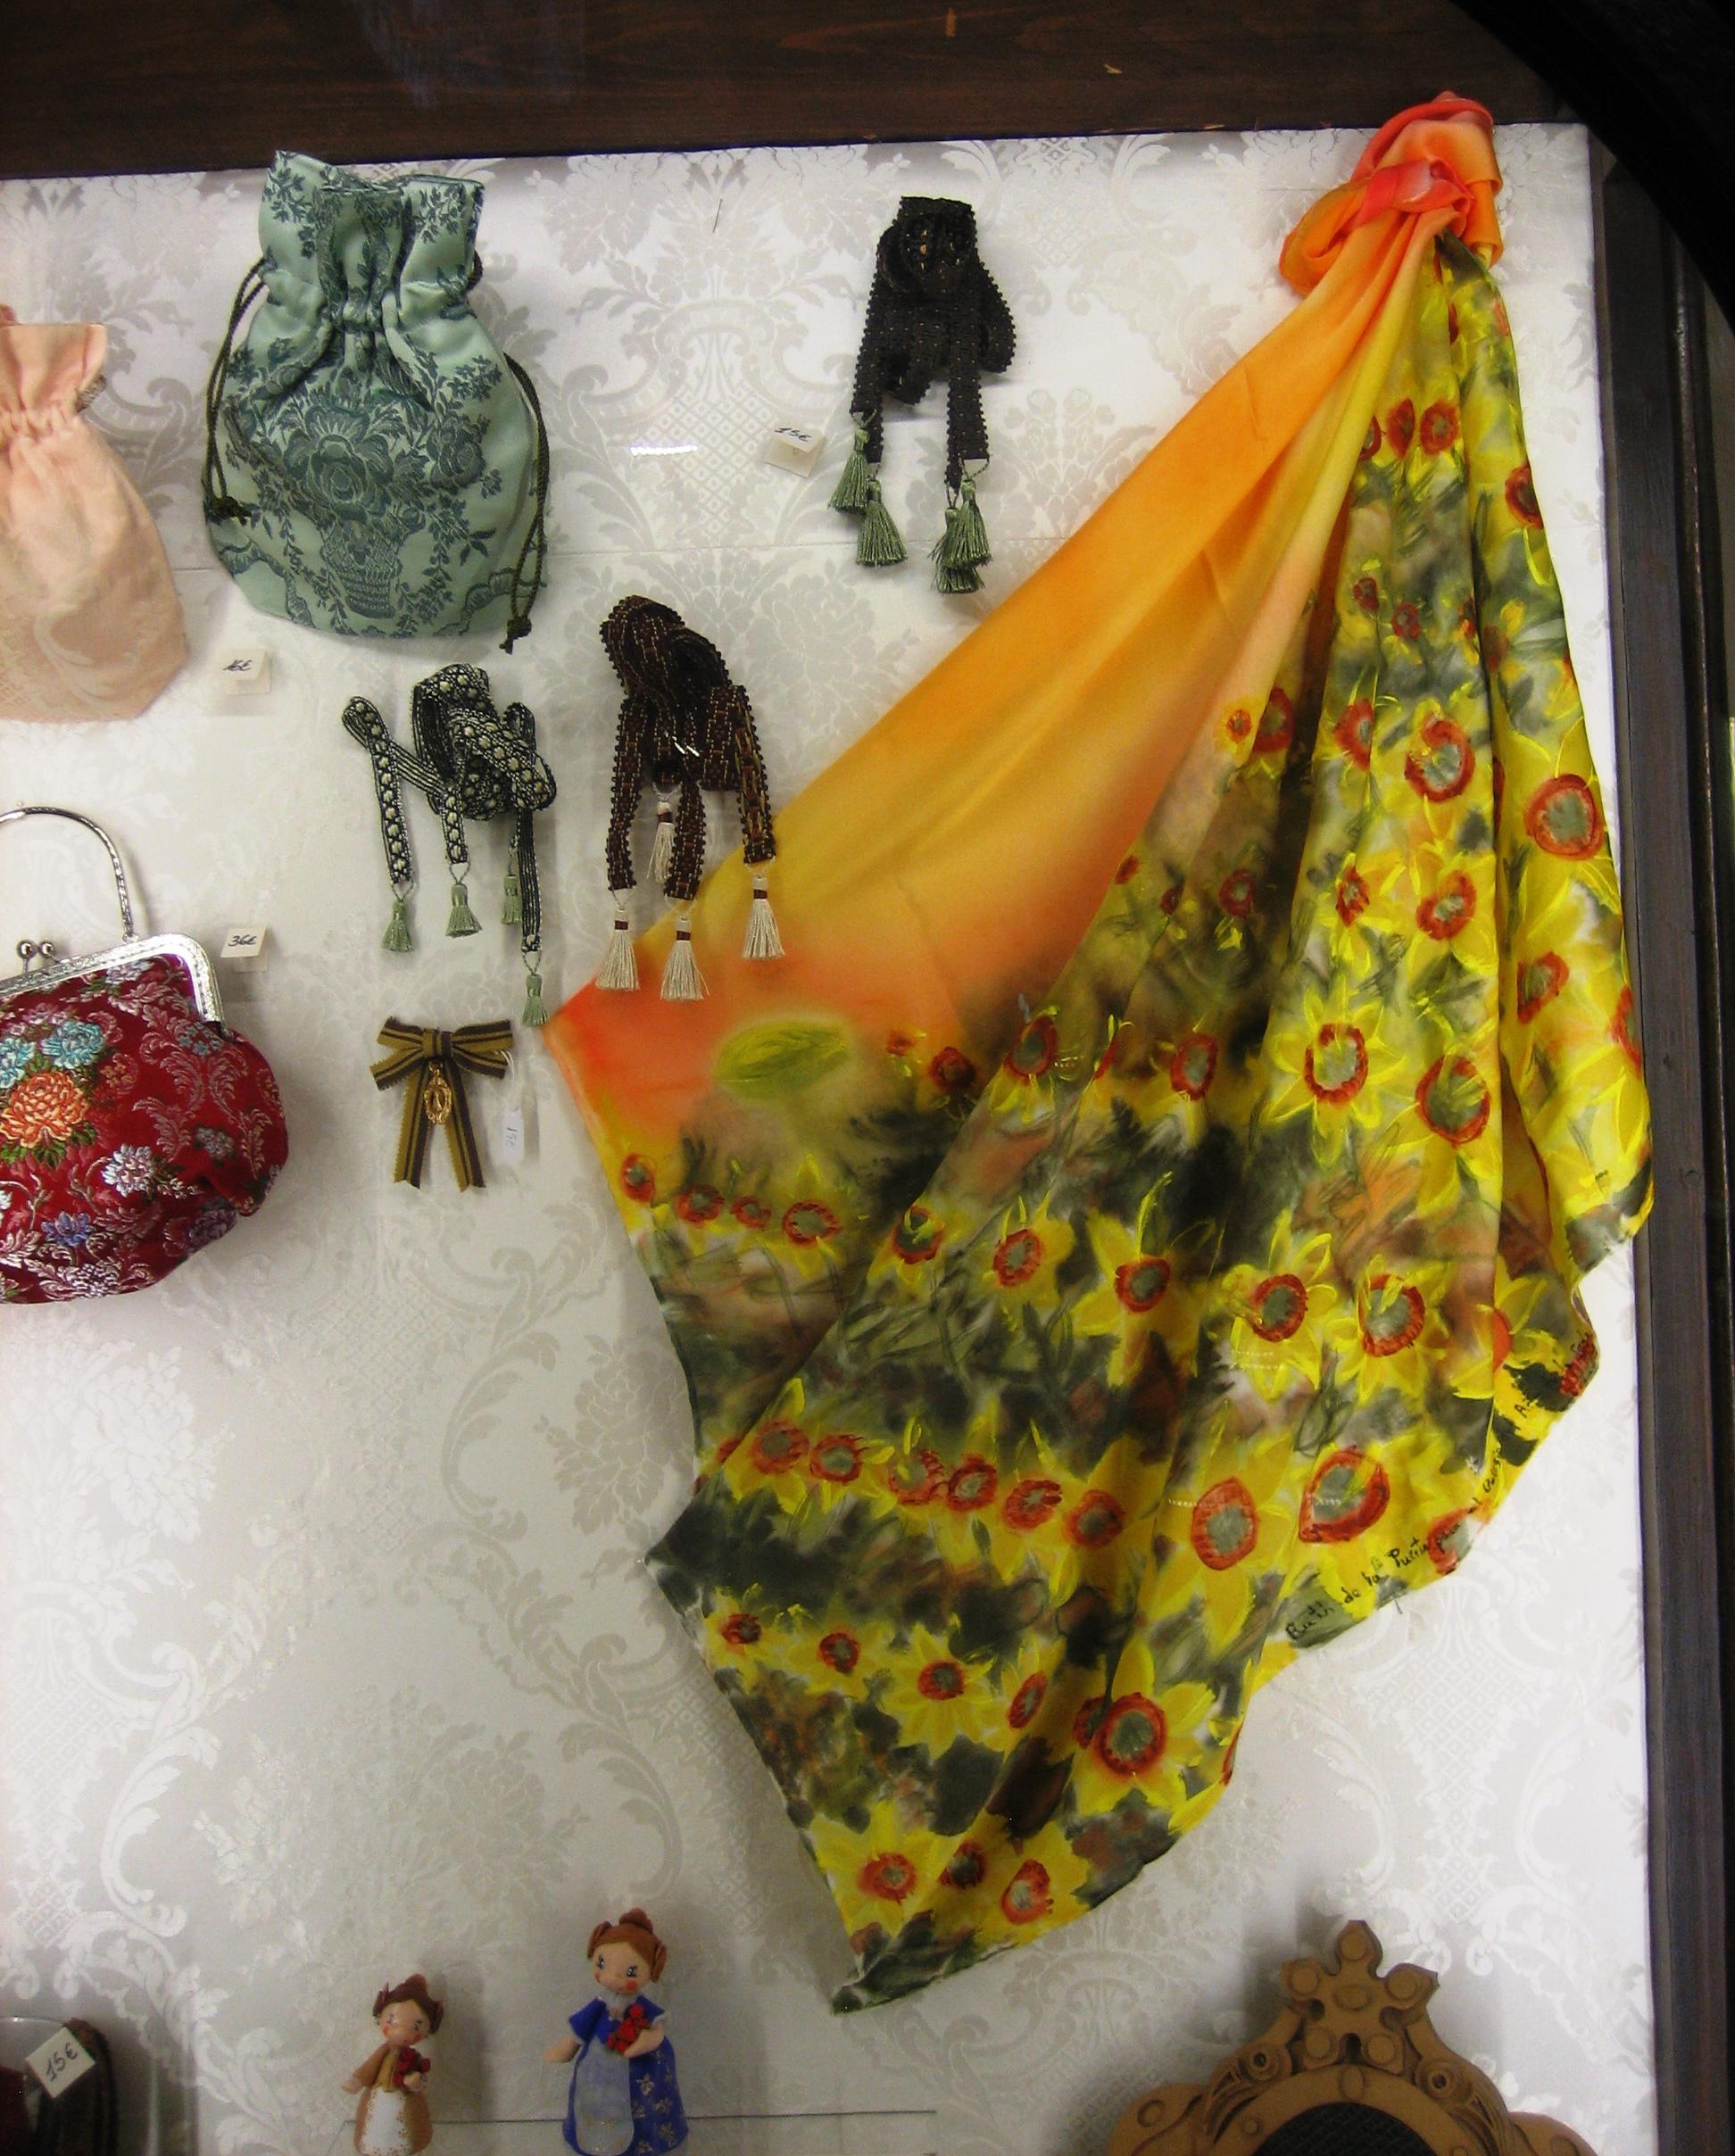 """Pañuelo """"Campo de girasoles en la vitrina de la tienda """"Espai seda"""" del museo de la seda de Valencia, crepe satén 90 x 90 cm."""